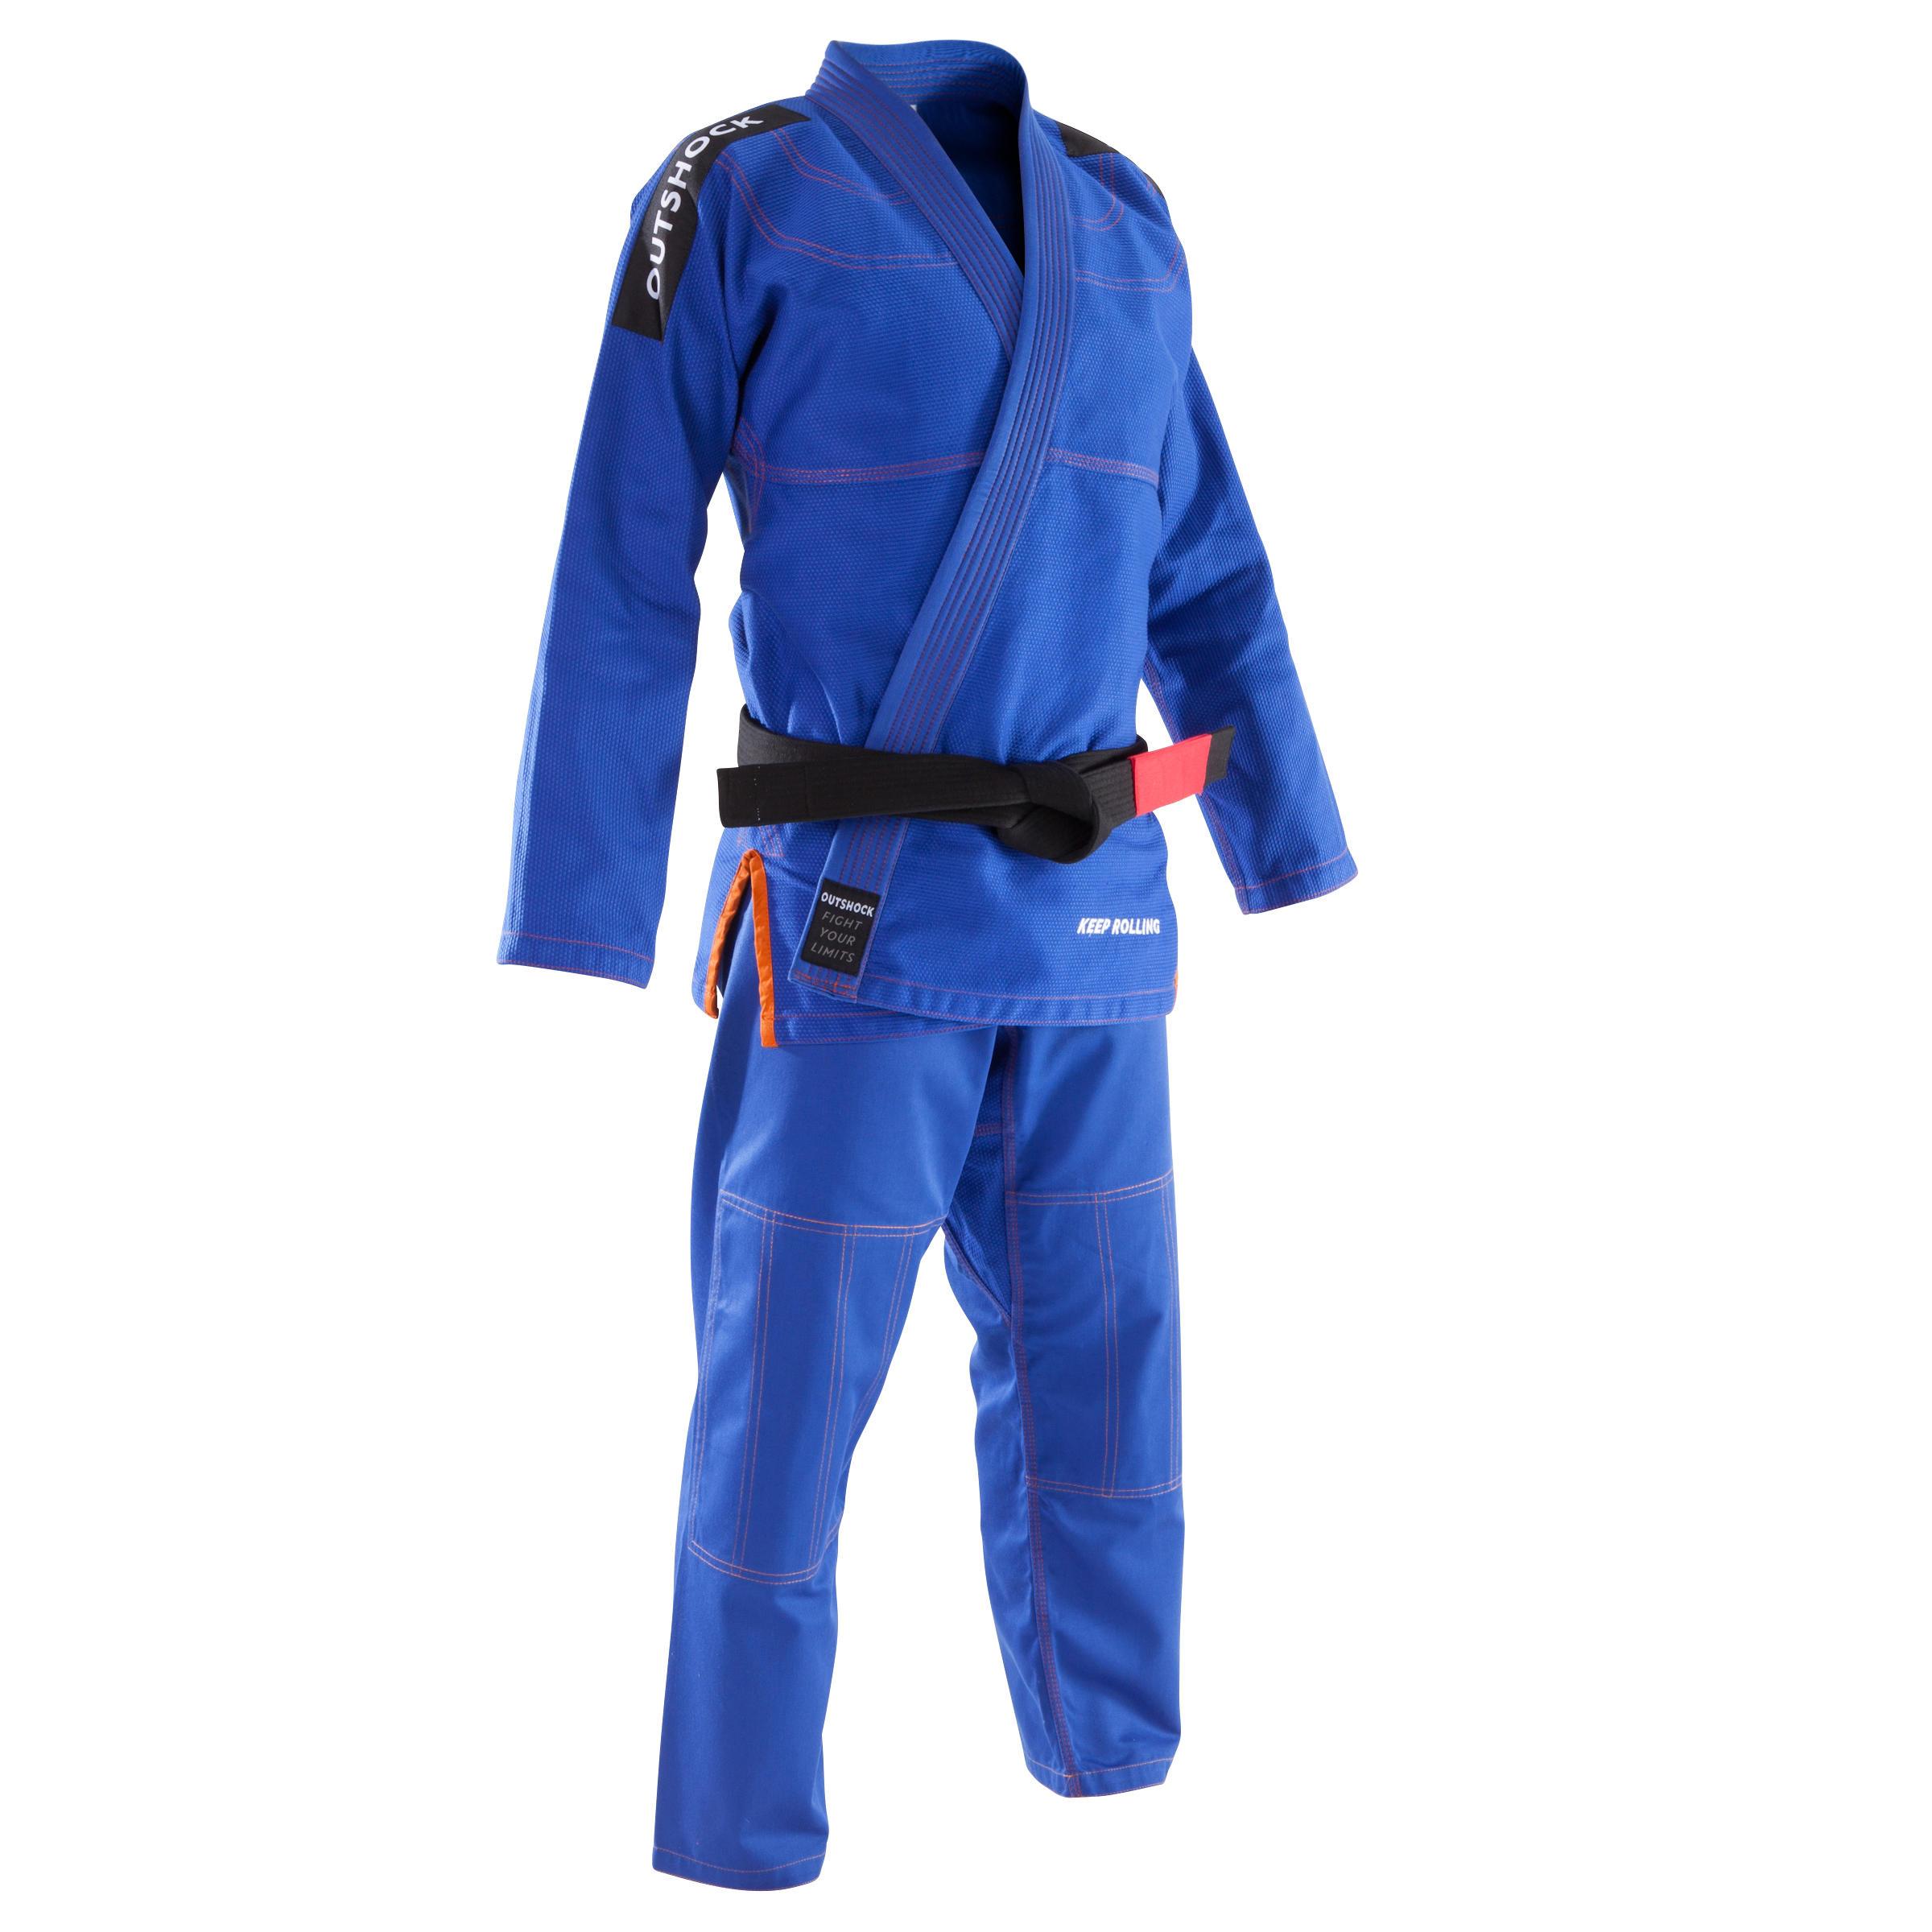 Kimono JJB 500 Albastru Adulți imagine